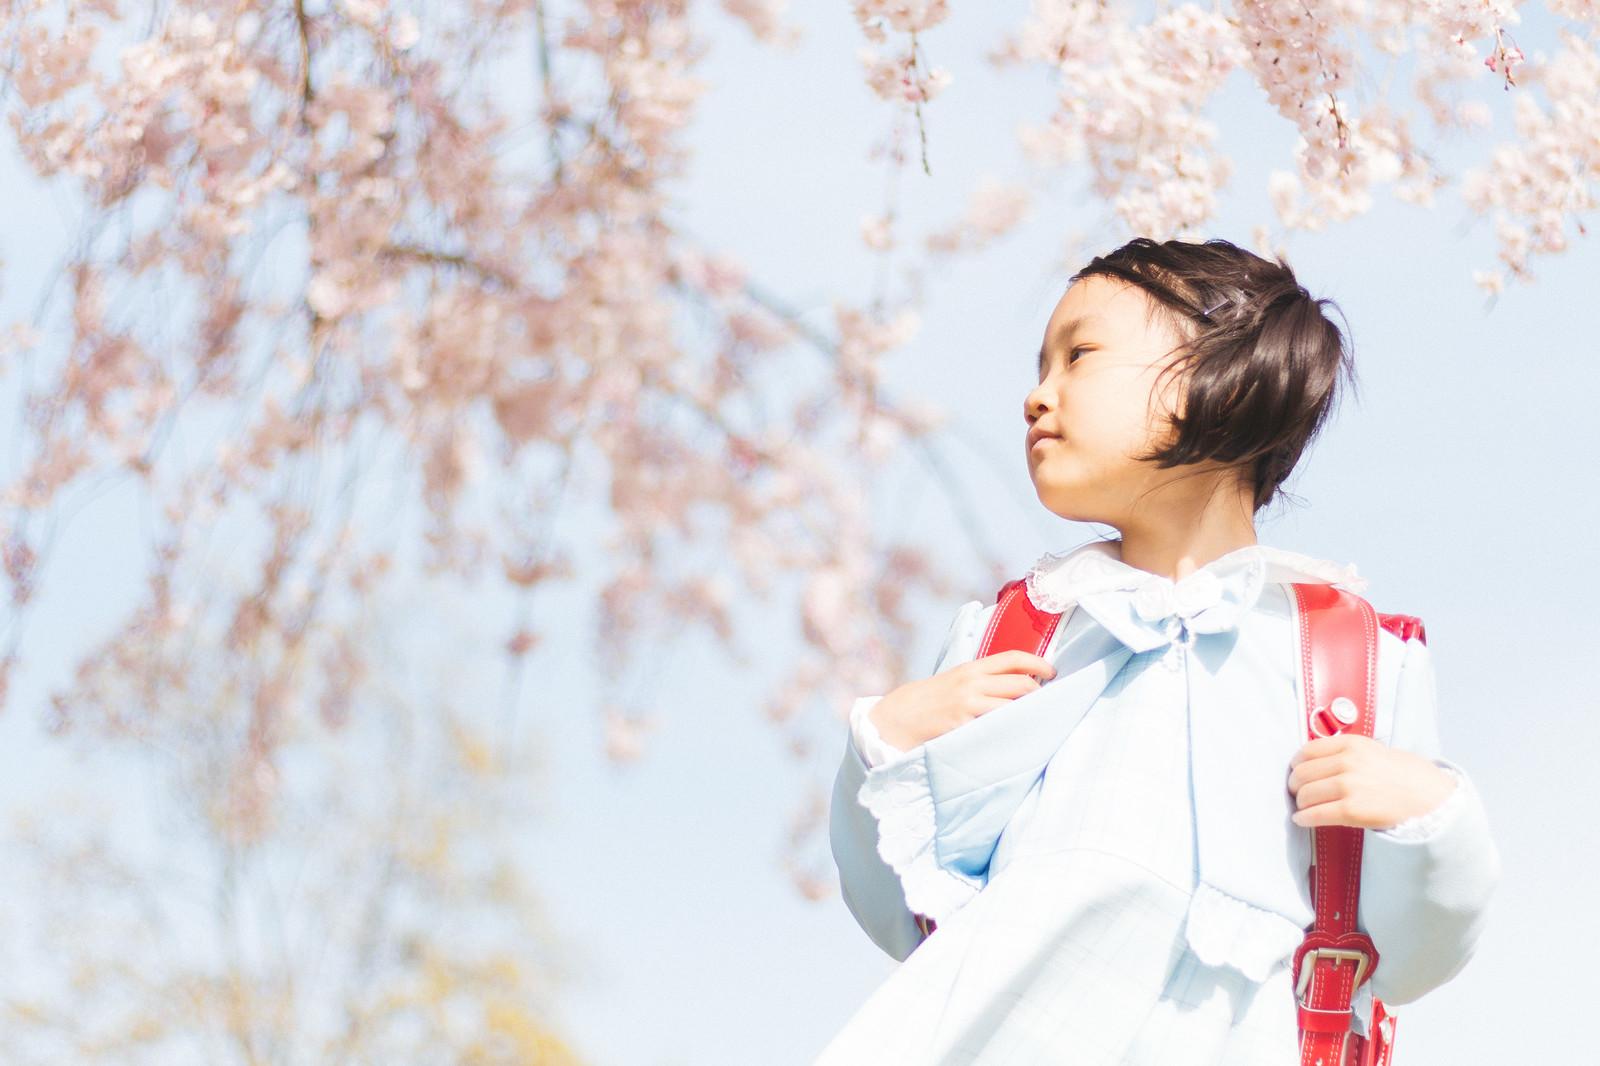 【主婦さん活躍中】岐阜県加茂郡川辺町★放課後児童クラブでのお仕事★14時~19時の短時間でOK♪